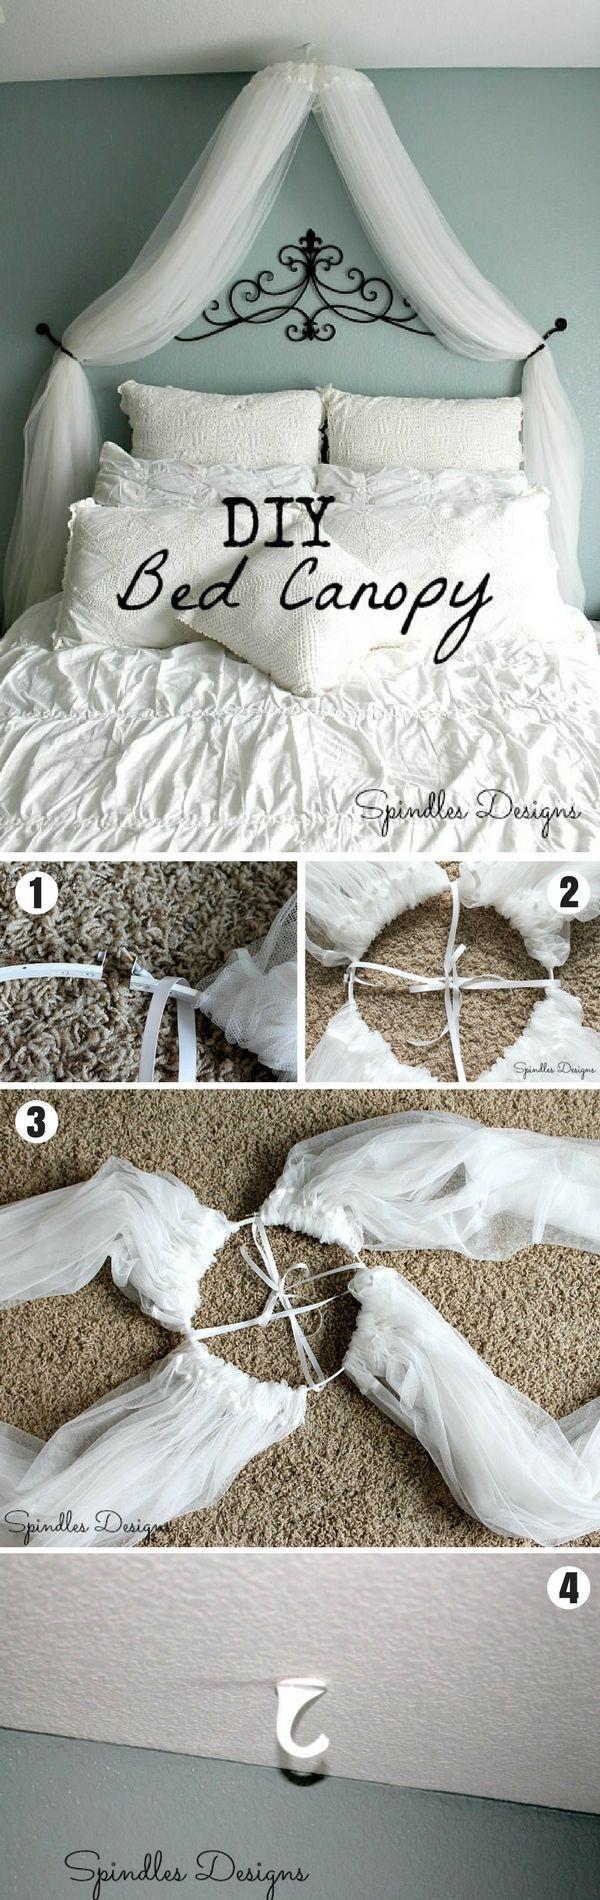 Echa un vistazo a cómo hacer una @istandarddesign dosel de la cama de bricolaje fácil